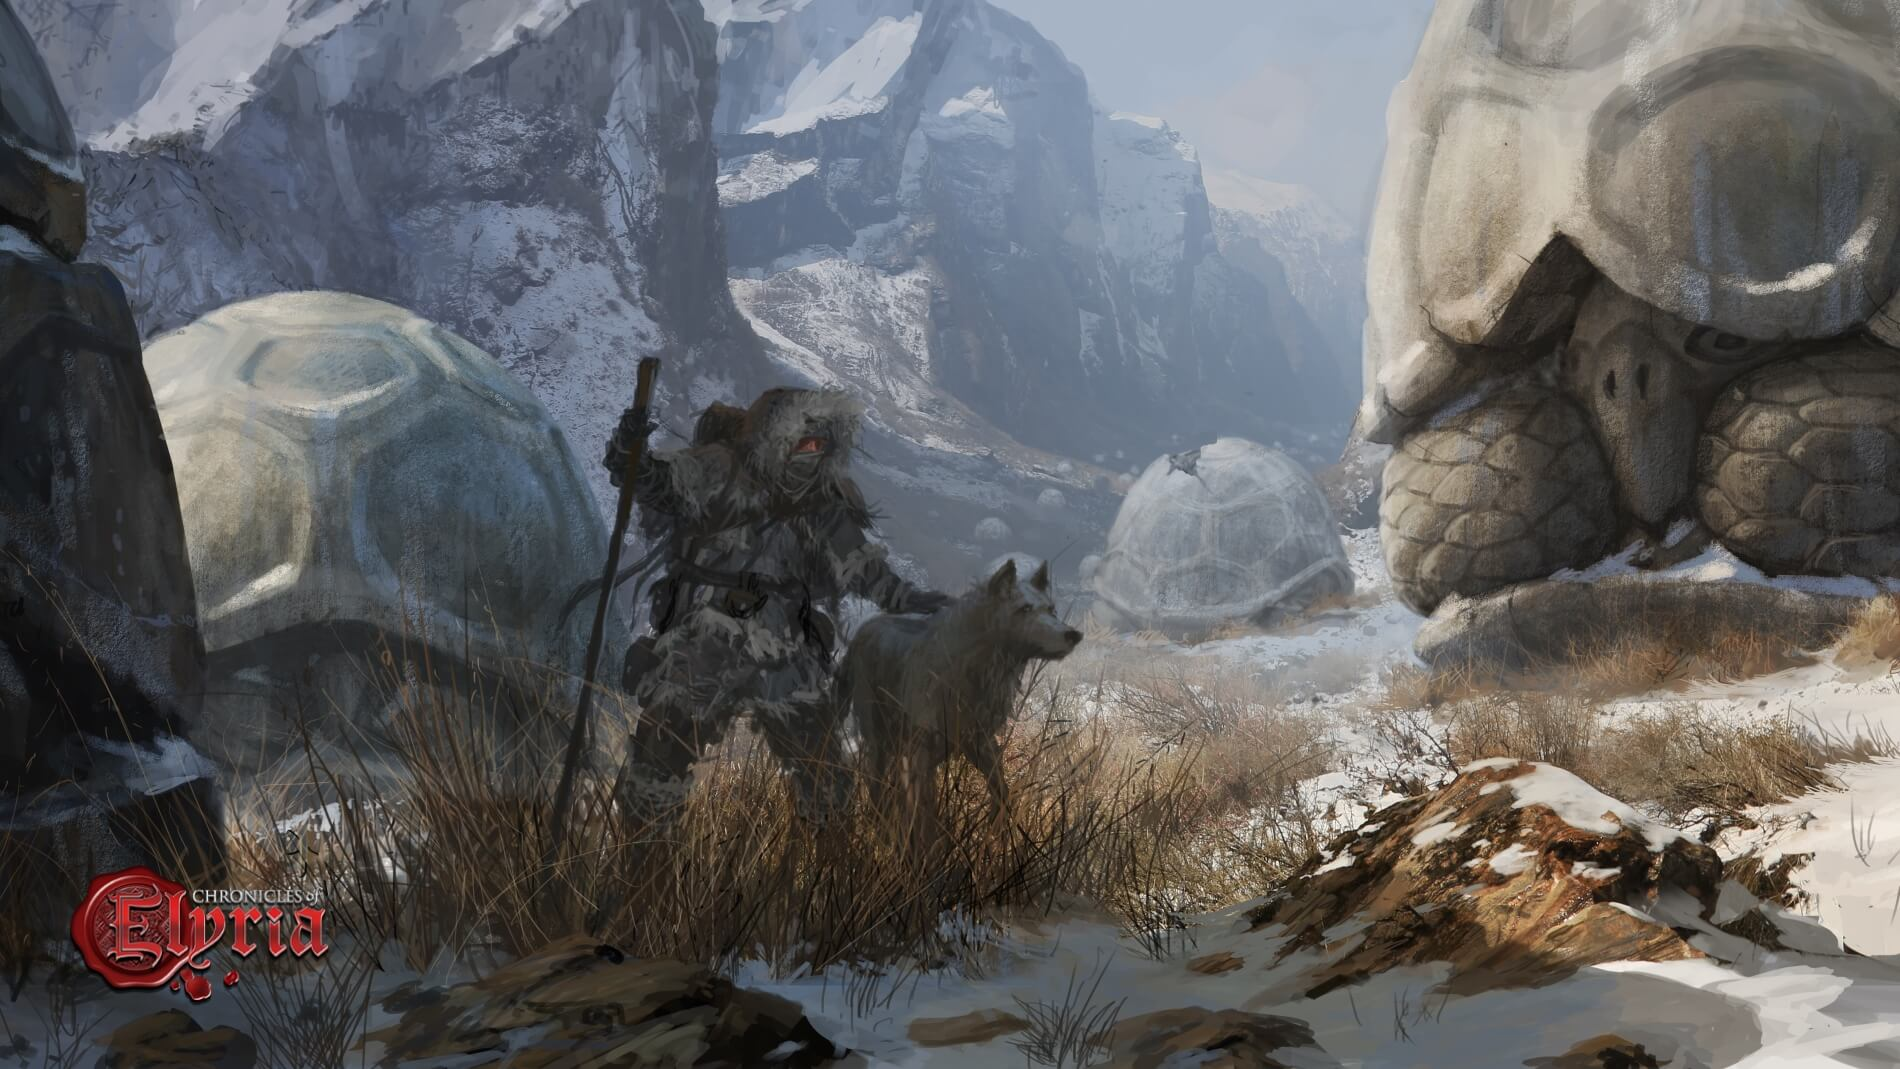 Chronicles of Elyria: Biome sind nicht nur hübsch, sondern auch sinnvoll